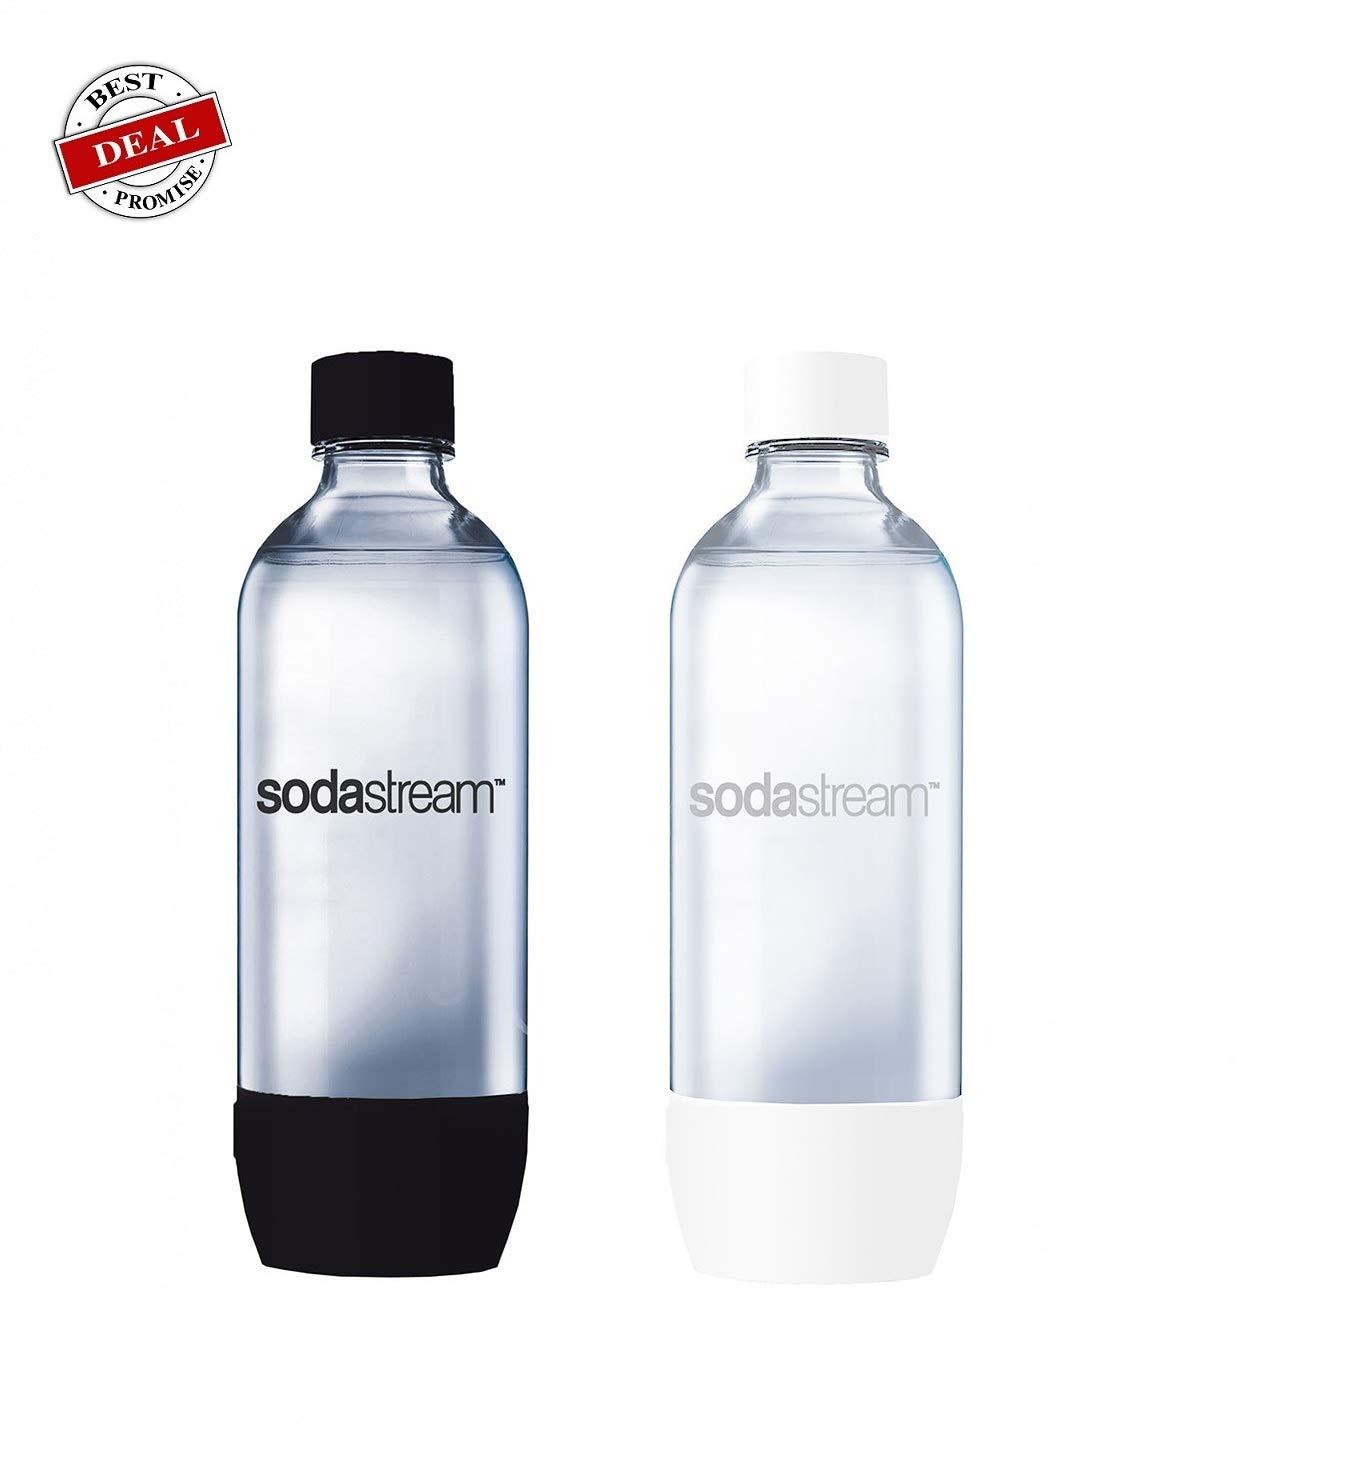 Soda stream 1-Liter Carbonating Bottles- Black&white (Twin Pack)